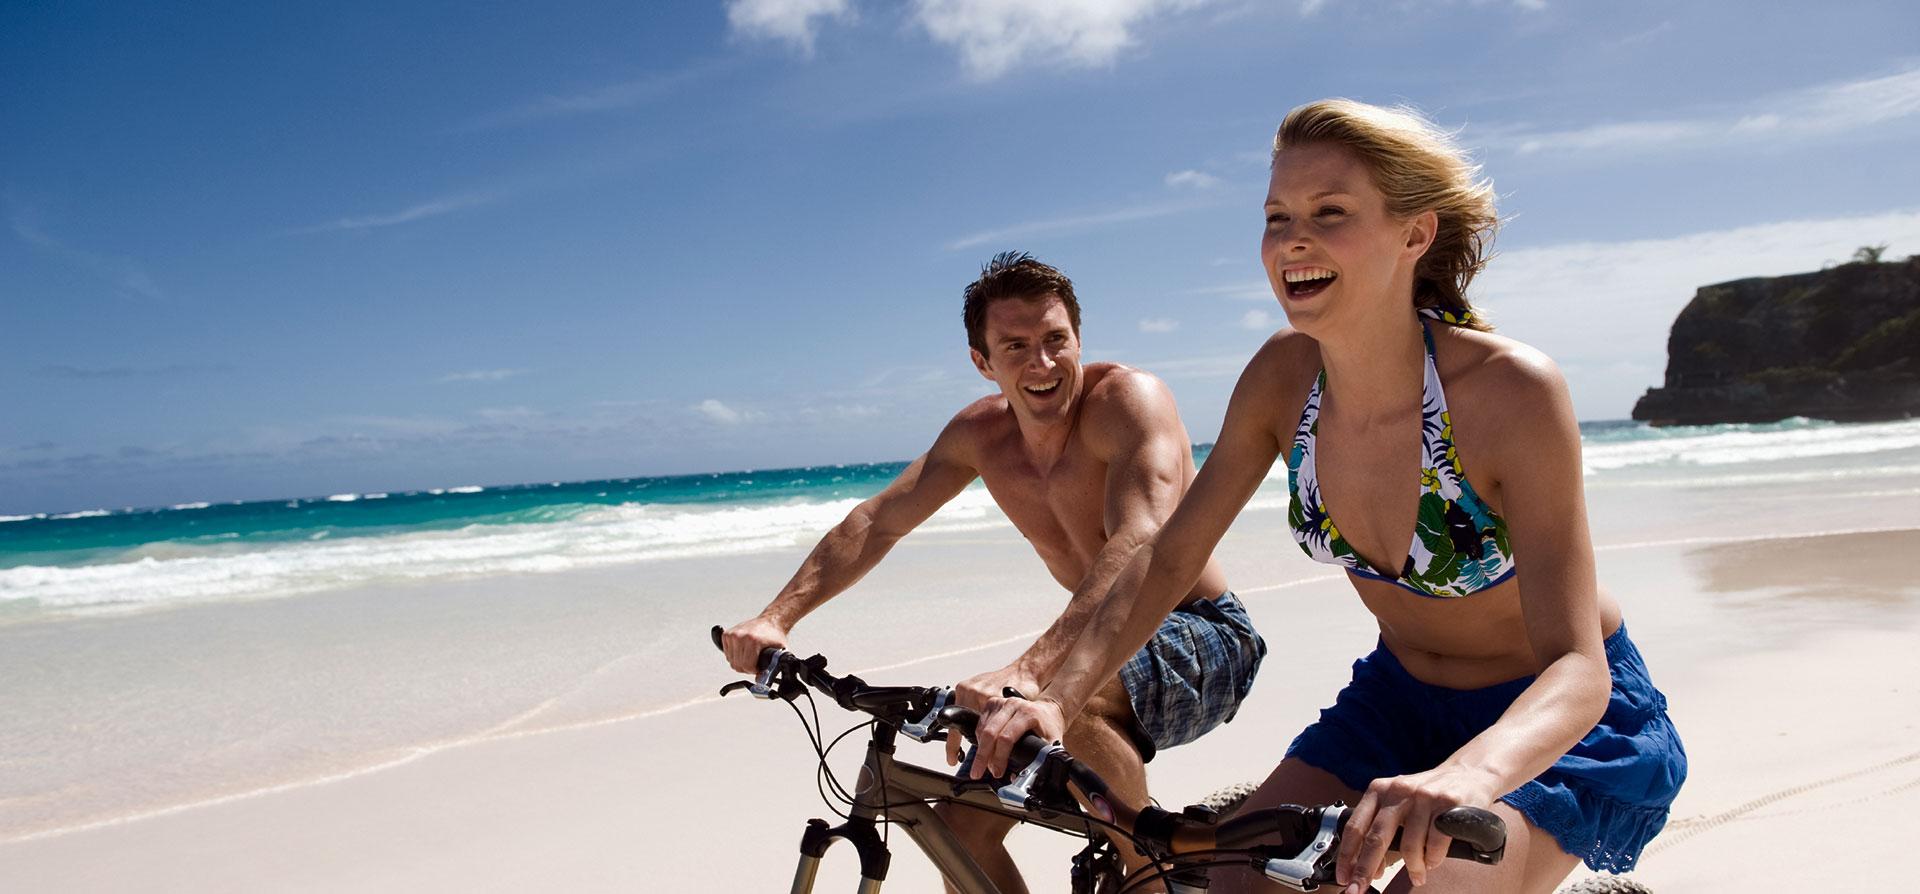 Sundial Beach Resort & Spa, Resort, Resort Activities